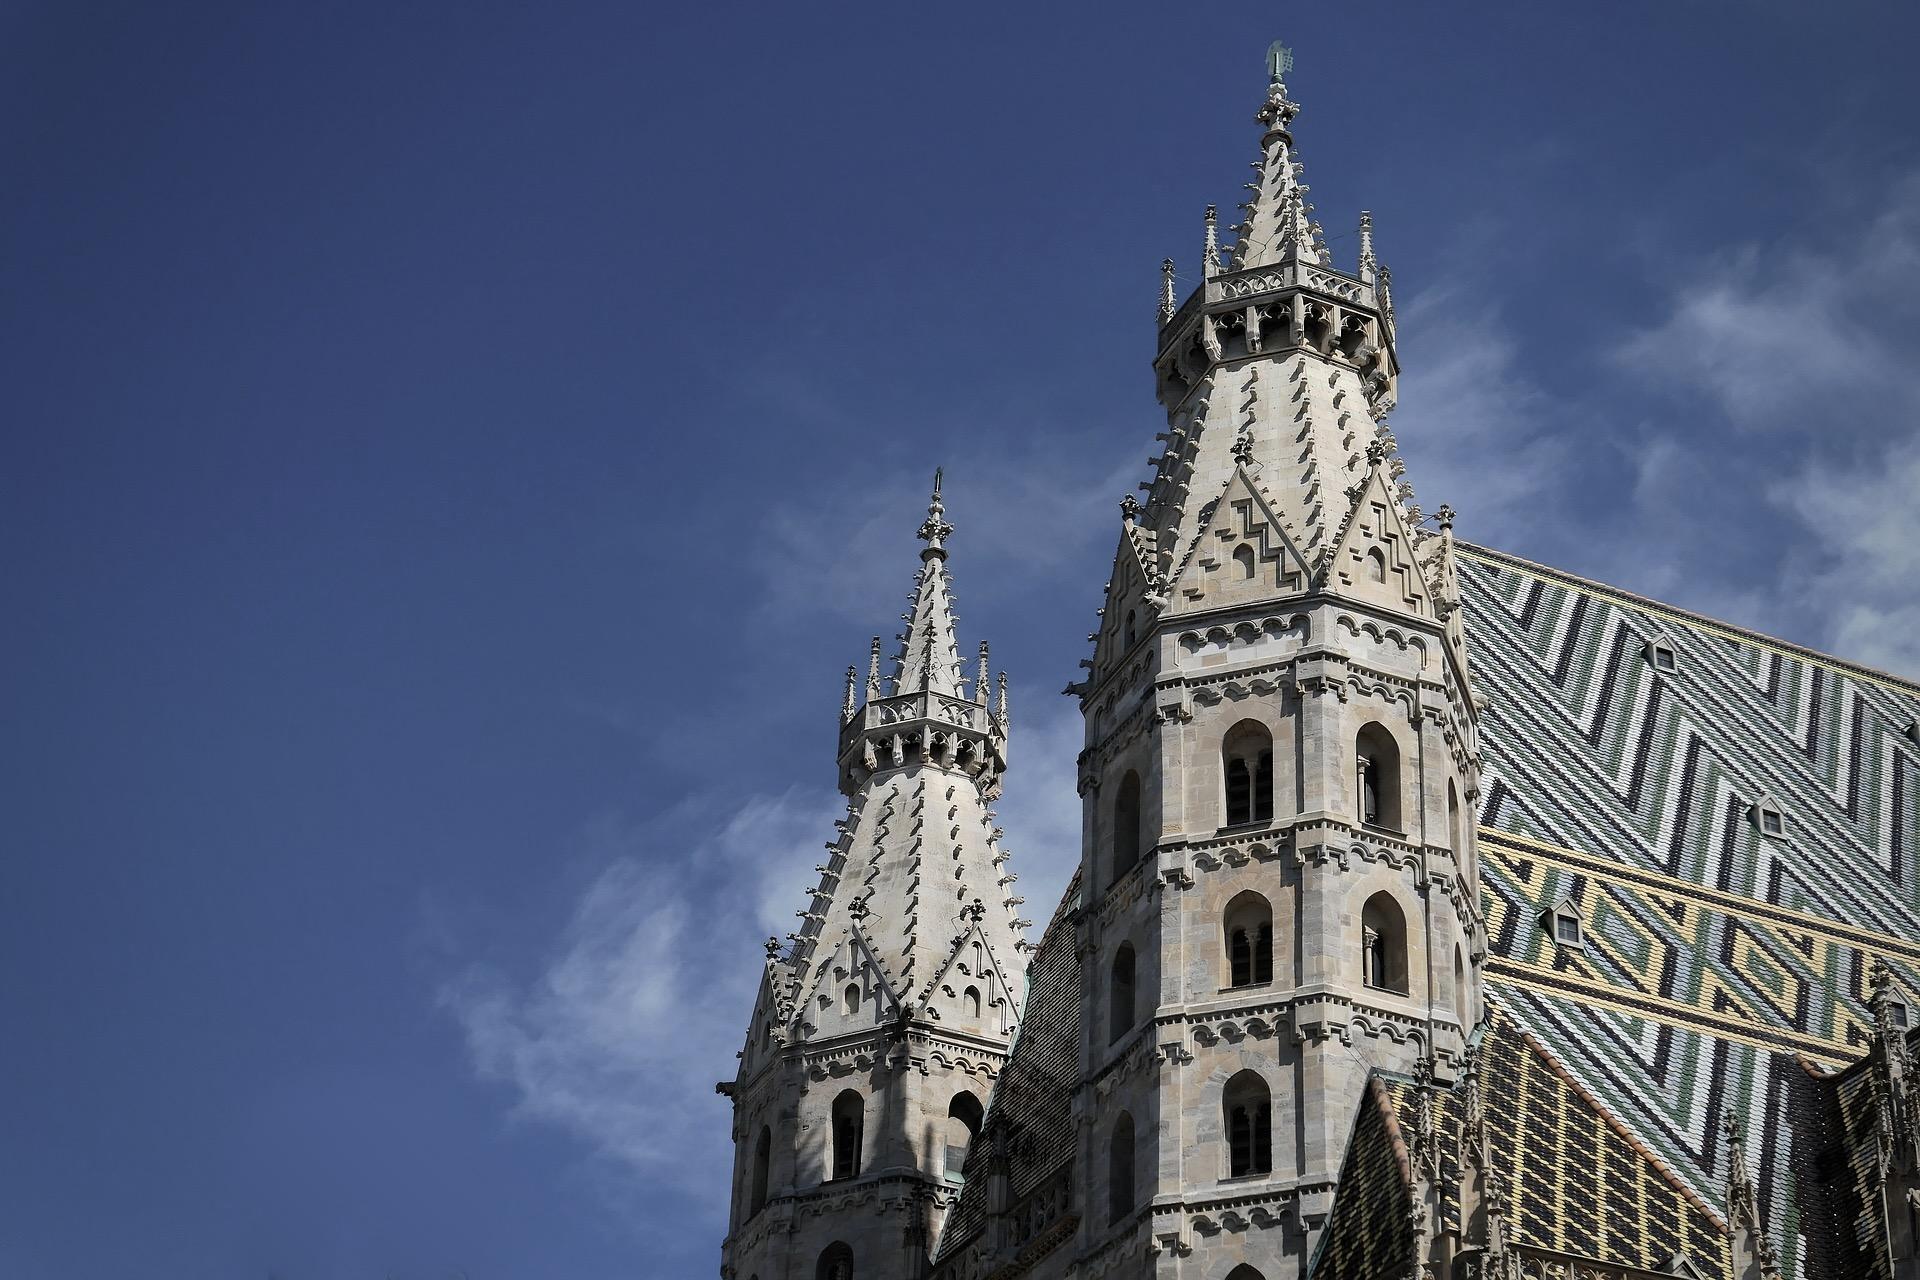 Der Stephansdom in Wien mit seinen Türmen